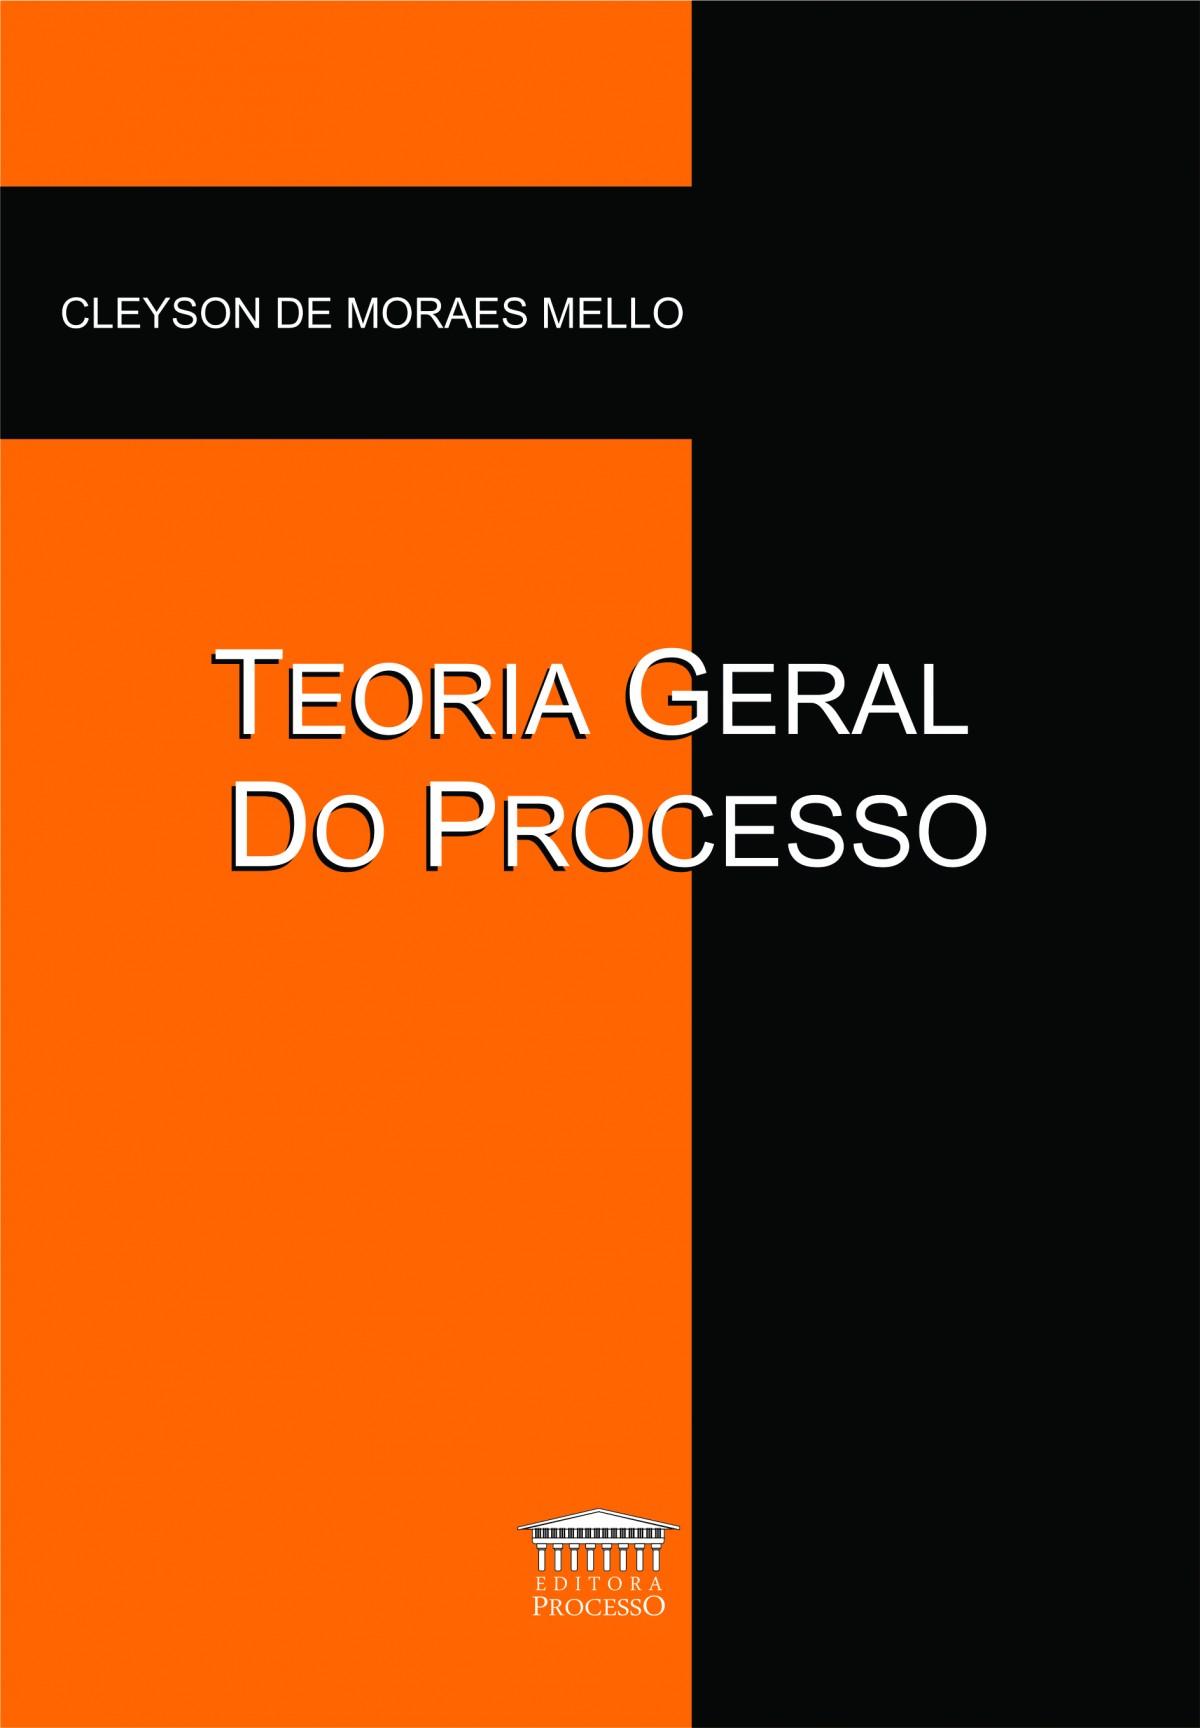 Foto 1 - Teoria Geral do Processo